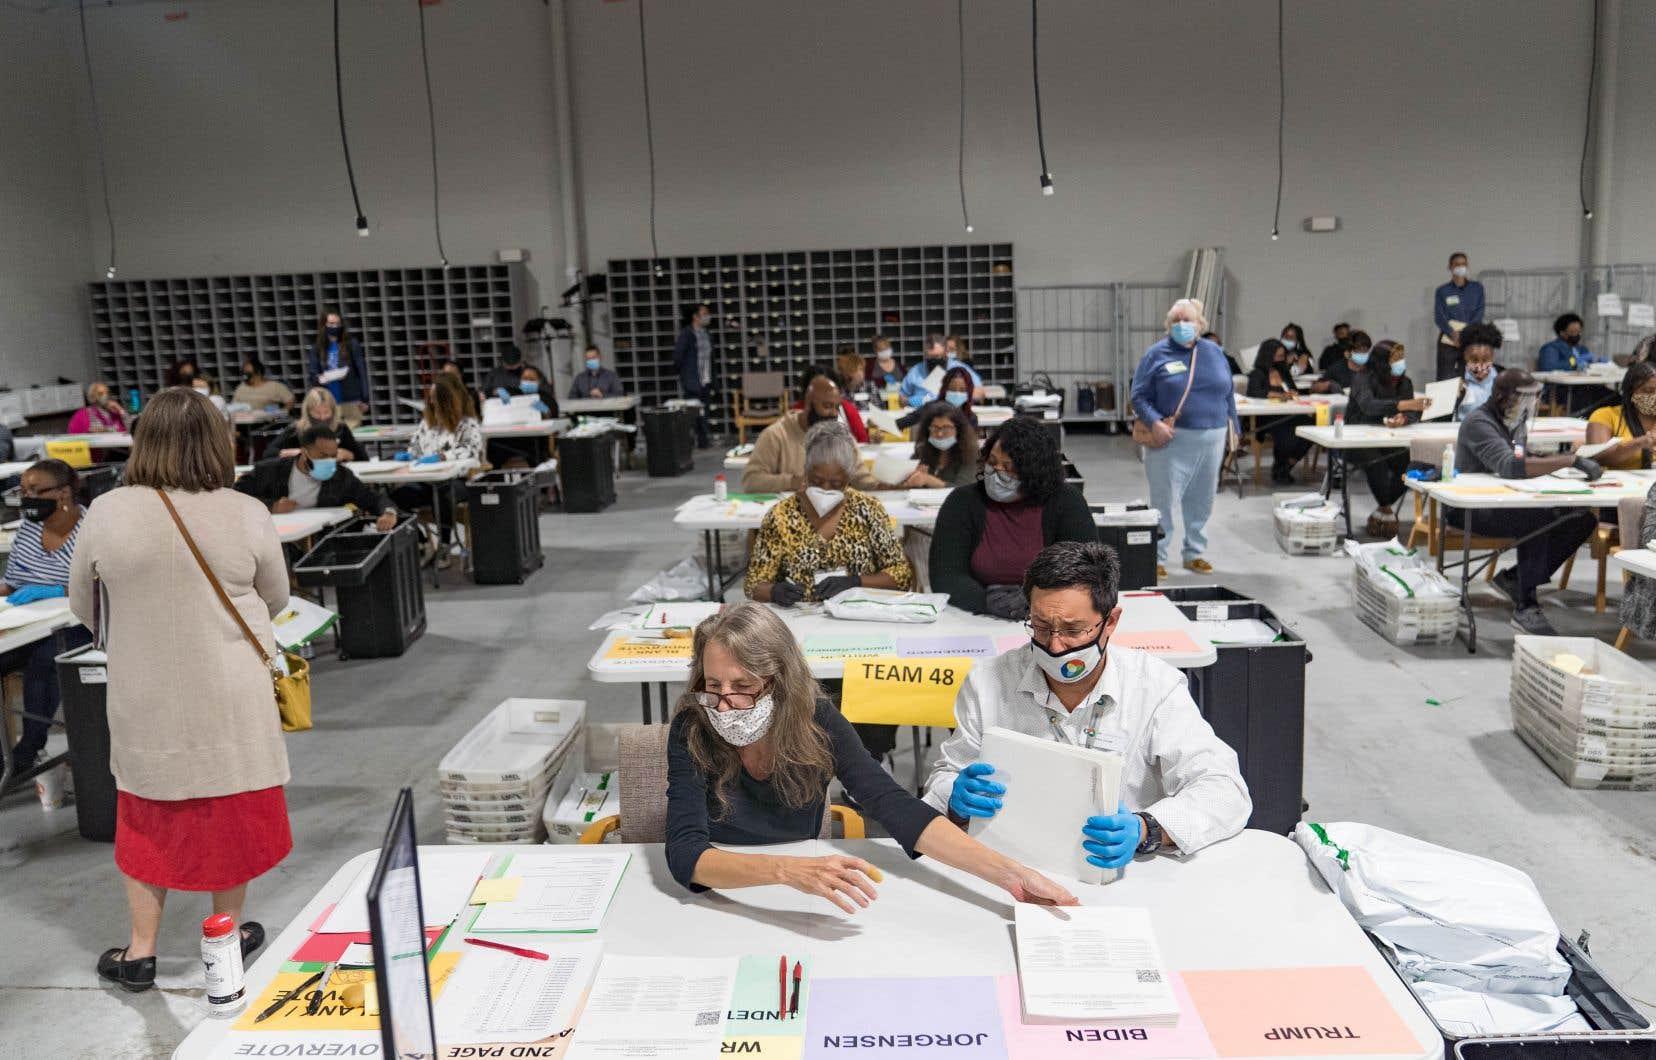 Des travailleurs électoraux du comté de Gwinnett, en banlieue d'Atlanta, pendant le second dépouillement des votes électoraux, qui doit se terminer mercredi